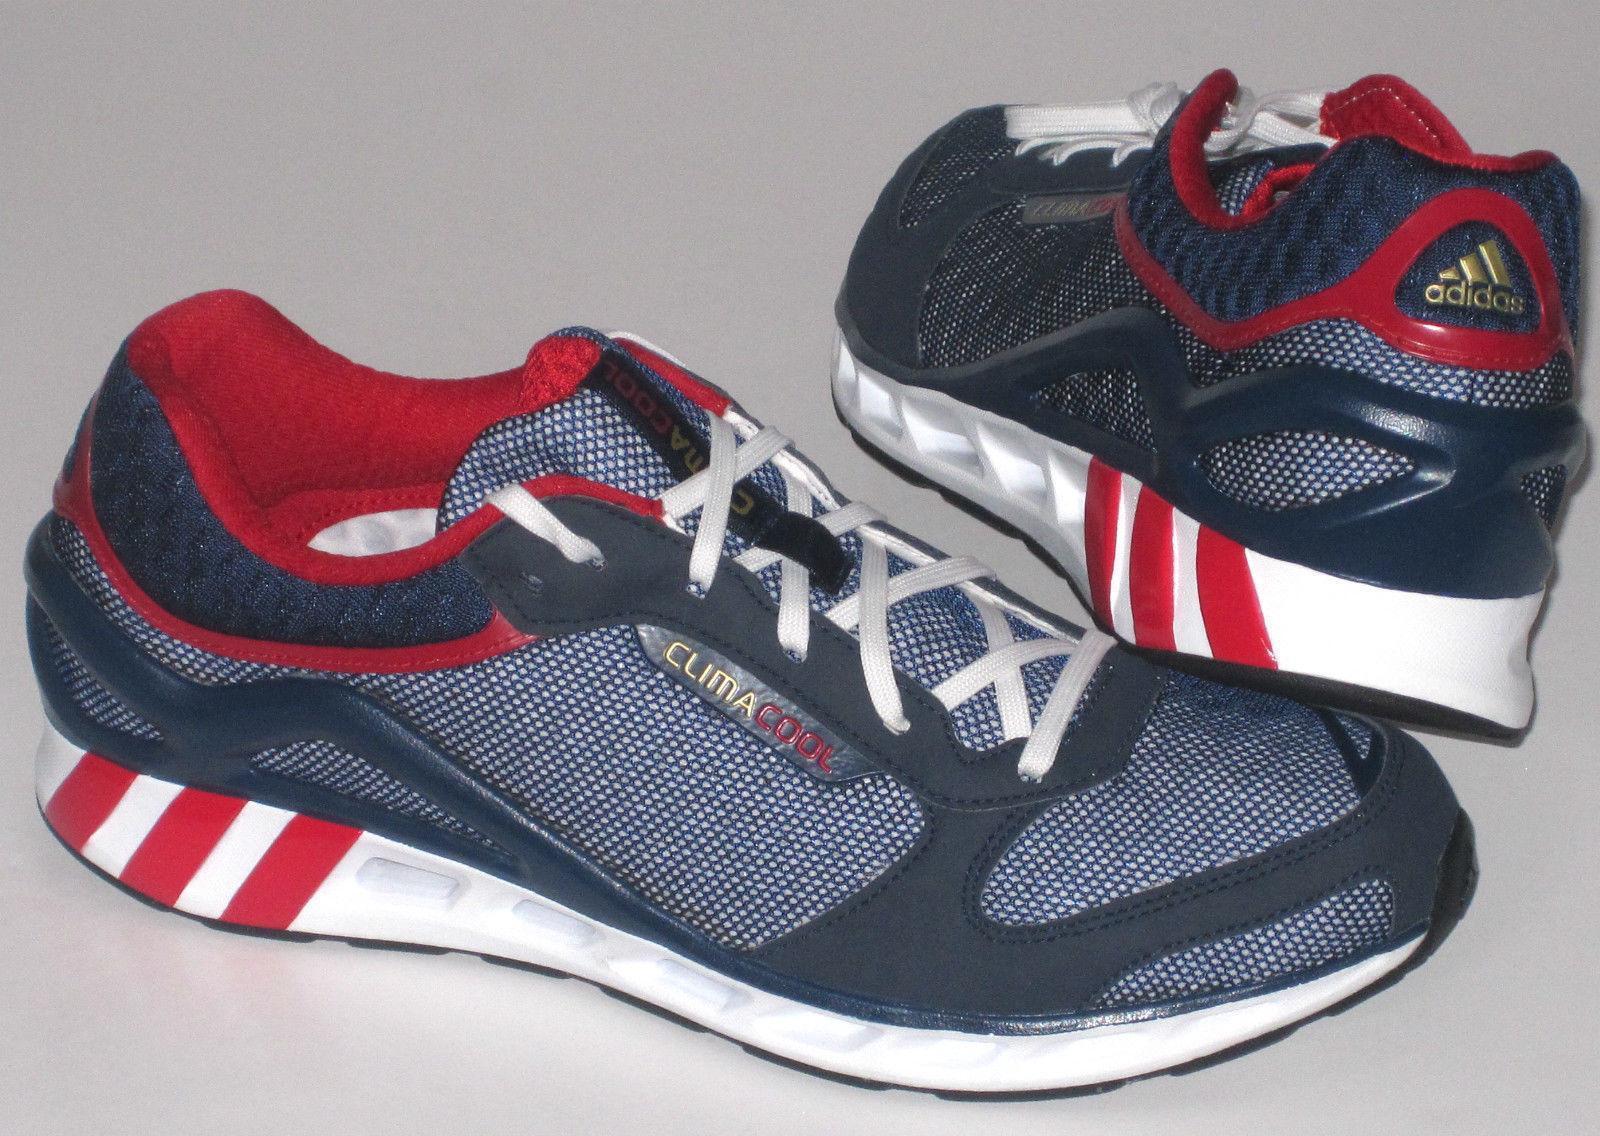 Hombre M Adidas NUEVO cc Fresco M Hombre Atletismo Zapatillas de tela g63742 64c657